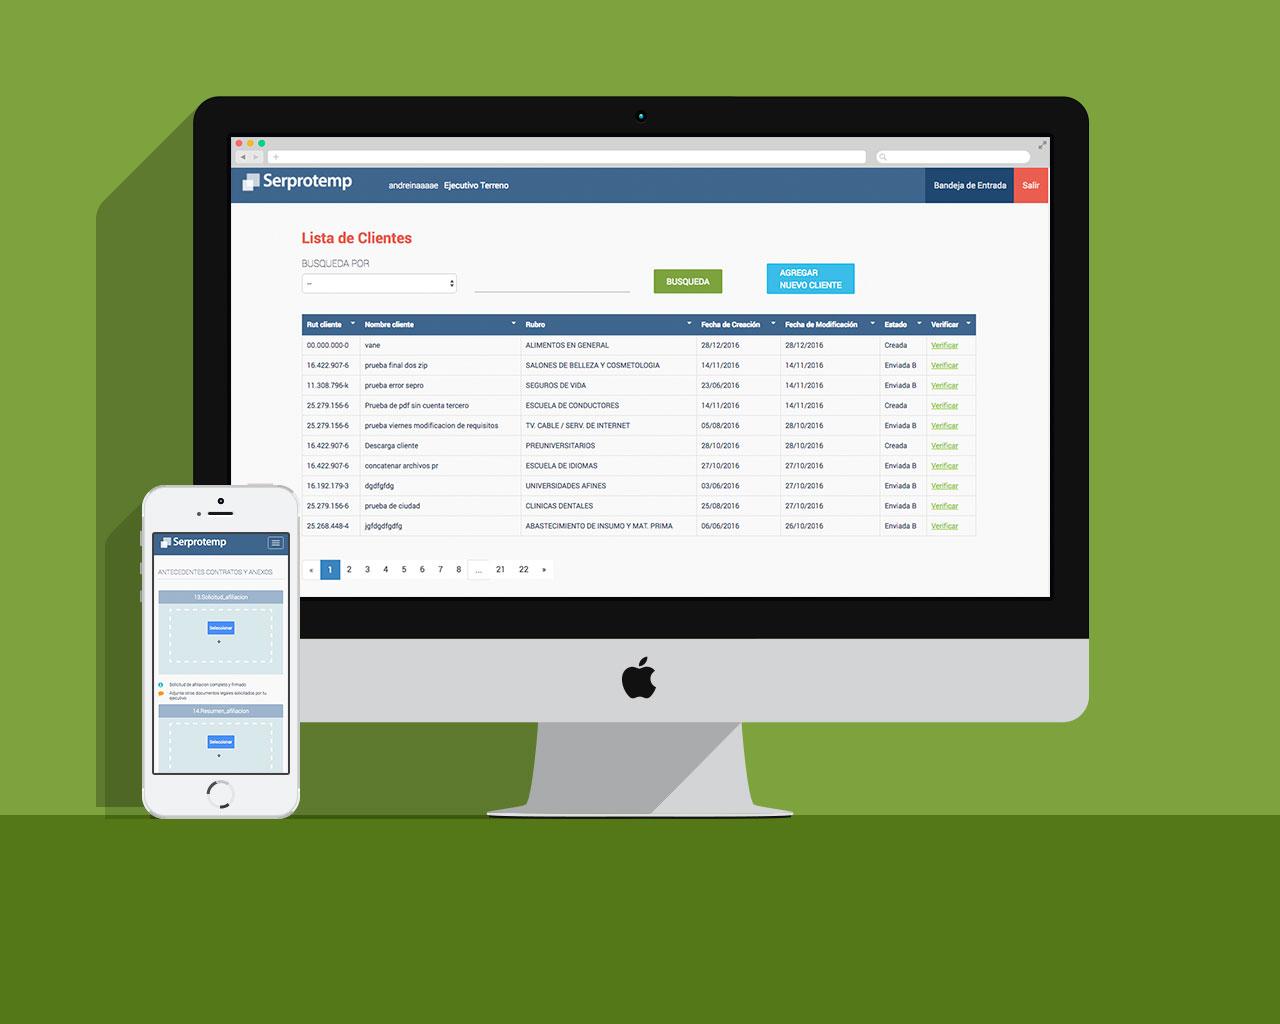 Portal de ventas en versión desktop y mobile aplicación web